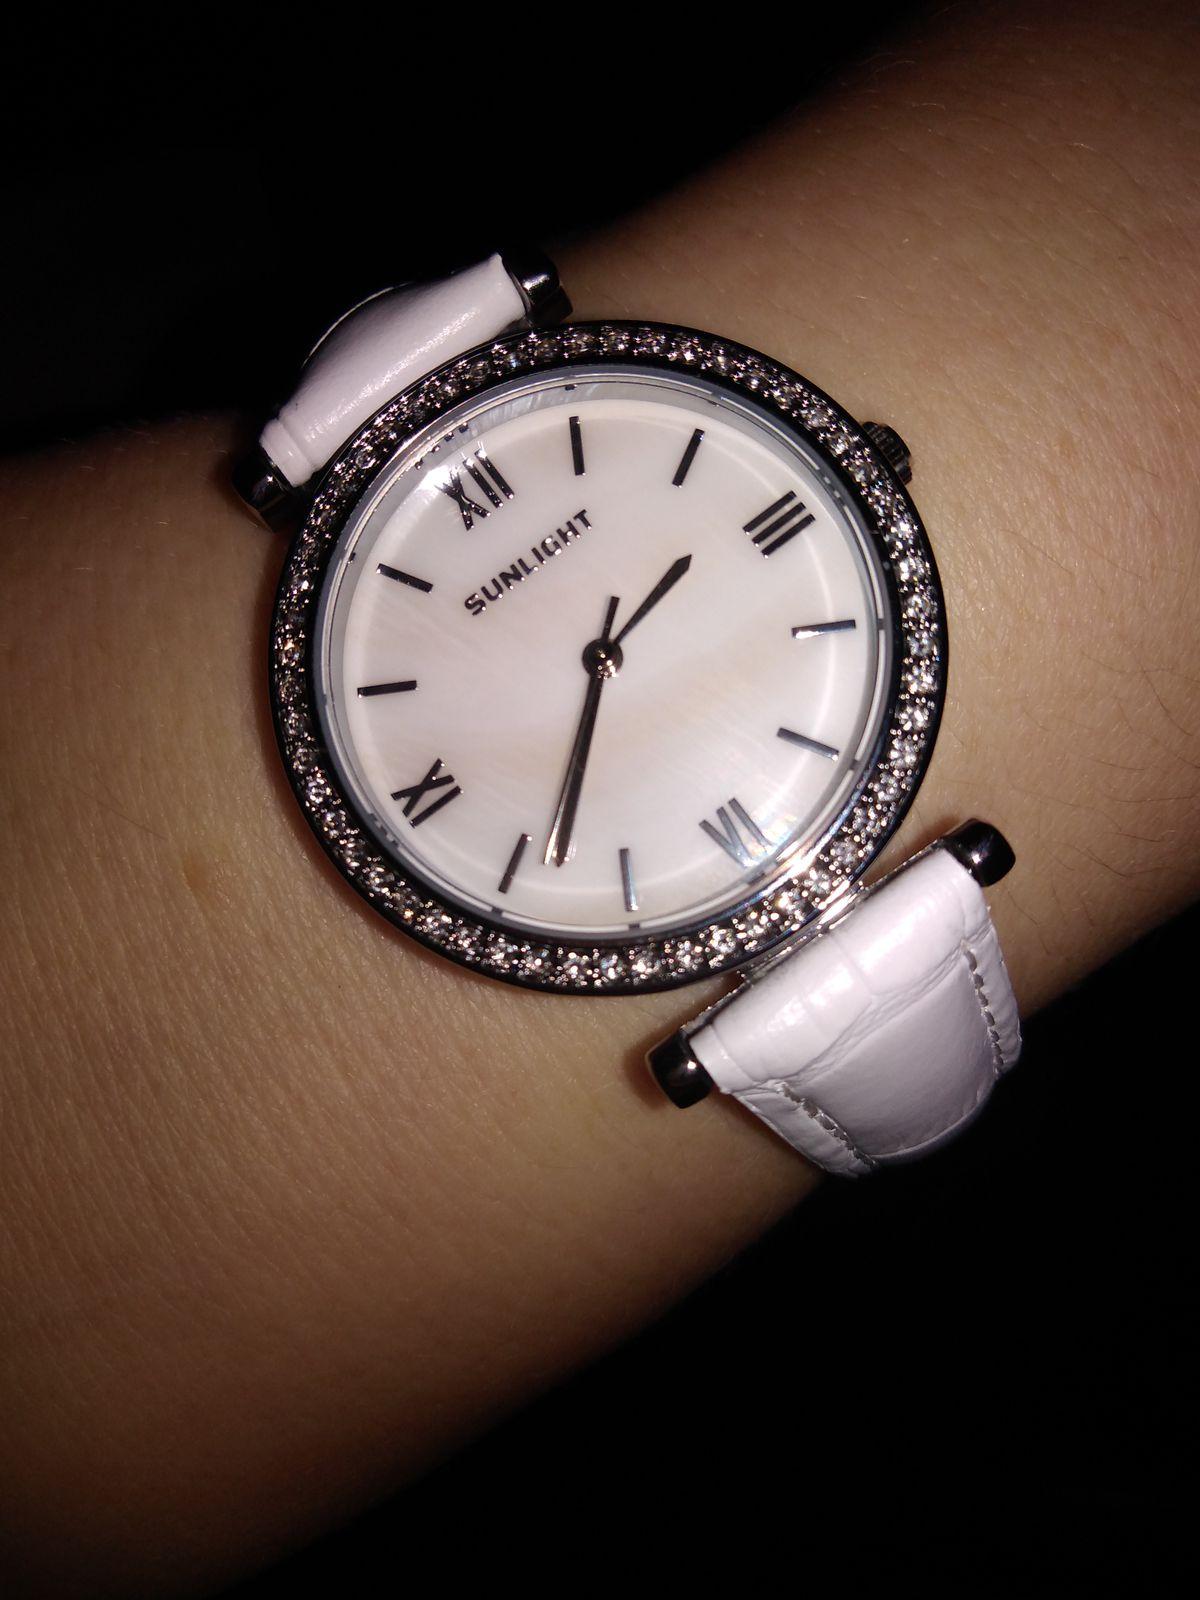 Часы очень красивые и сидят элегантно